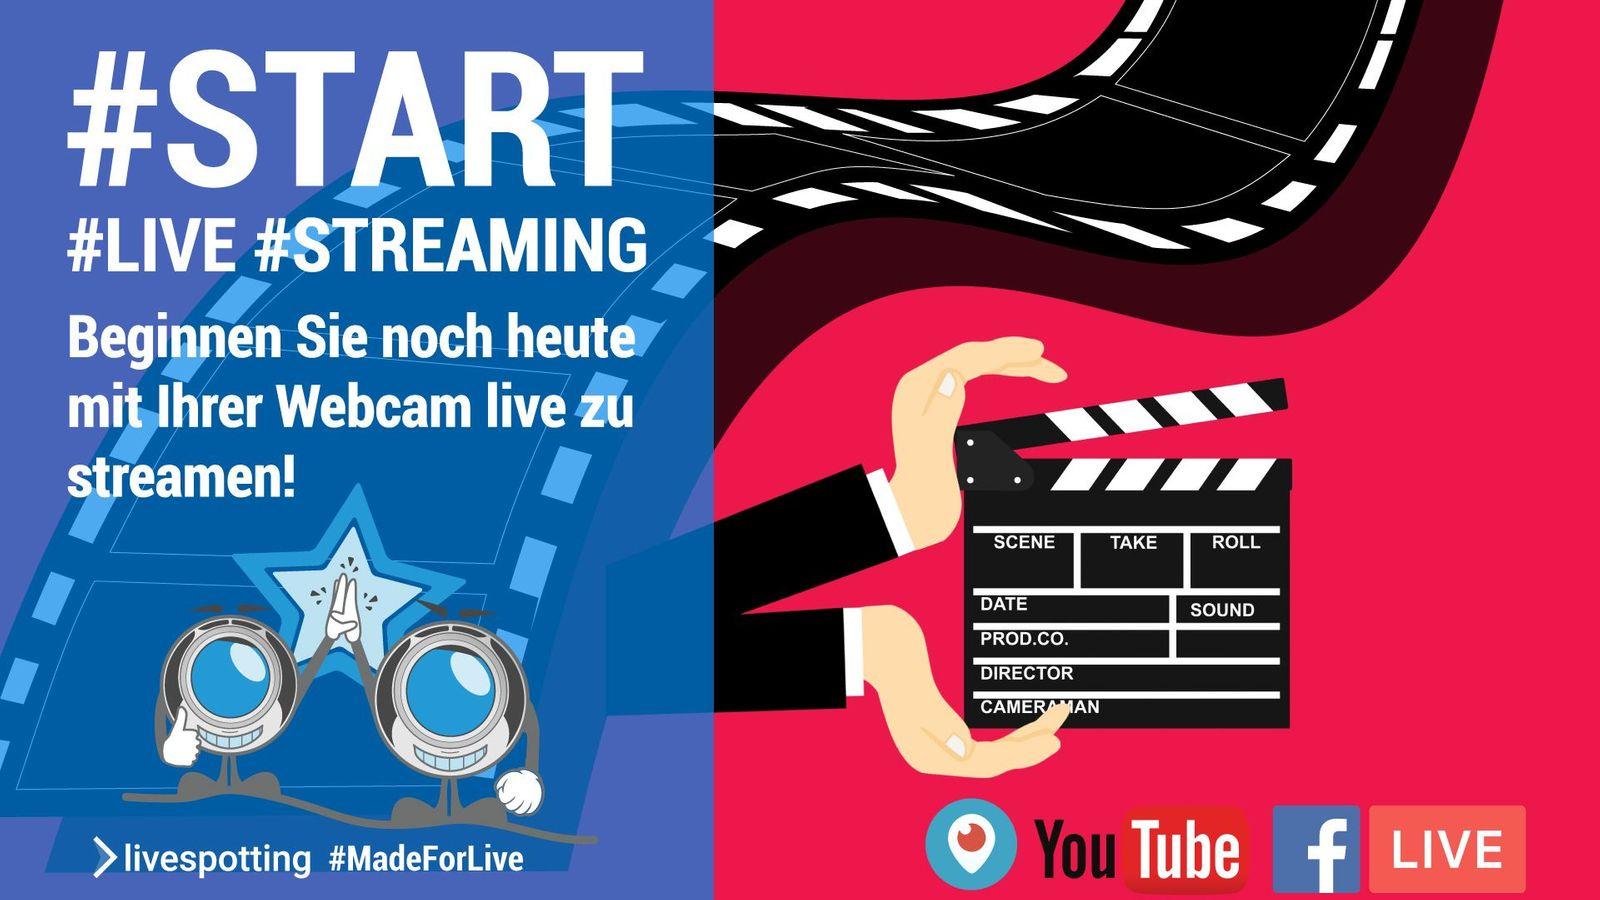 Allgemeiner Livecam und Live-Streaming Guide